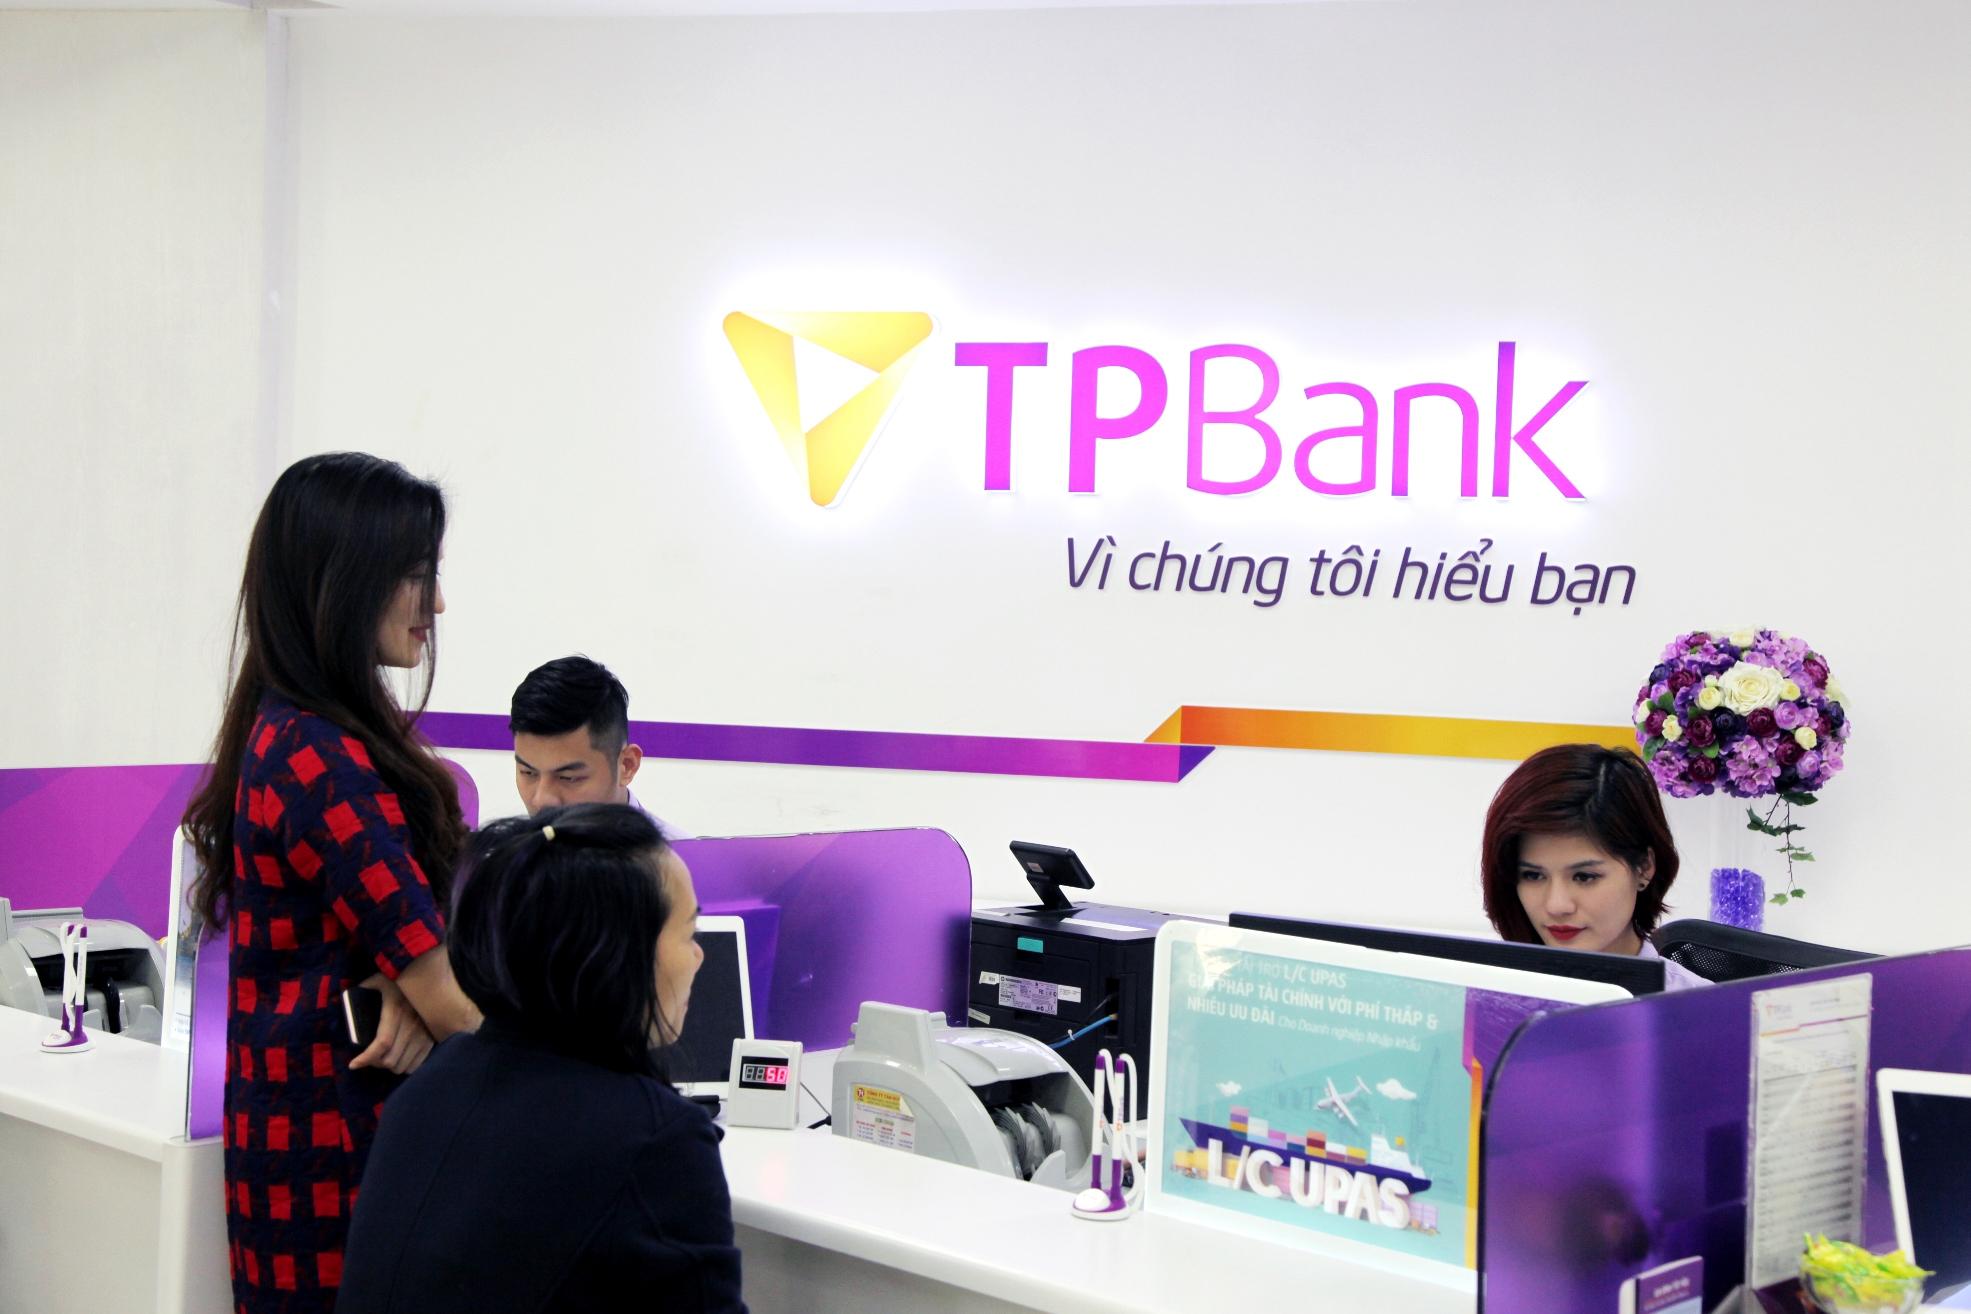 Lãi suất ngân hàng TPBank mới nhất tháng 5/2020 - Ảnh 1.